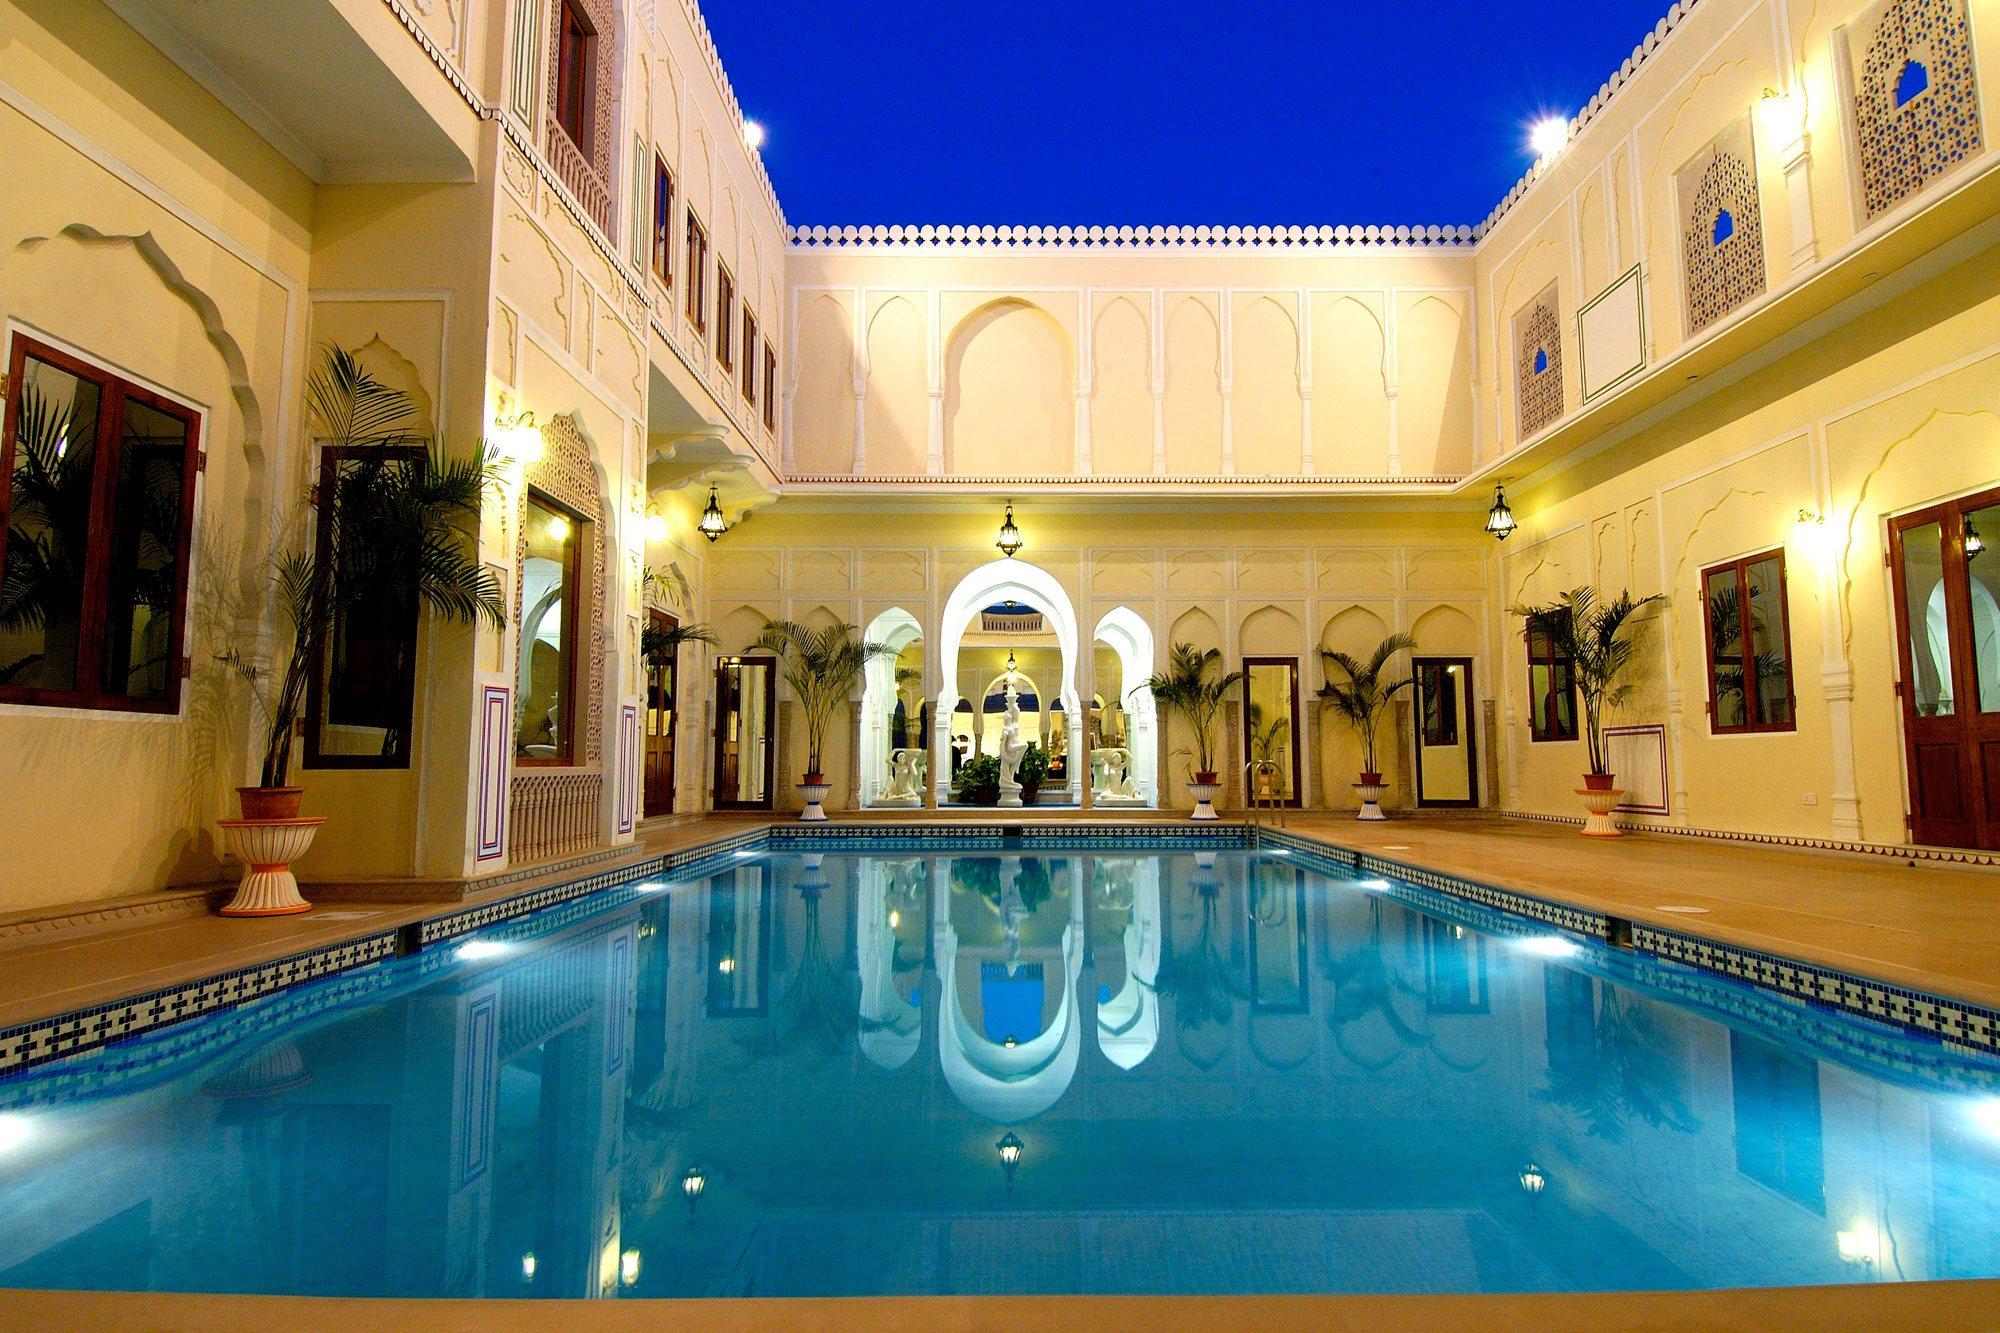 Camere Da Letto Piu Belle Del Mondo i 17 hotel più belli del mondo | pescini